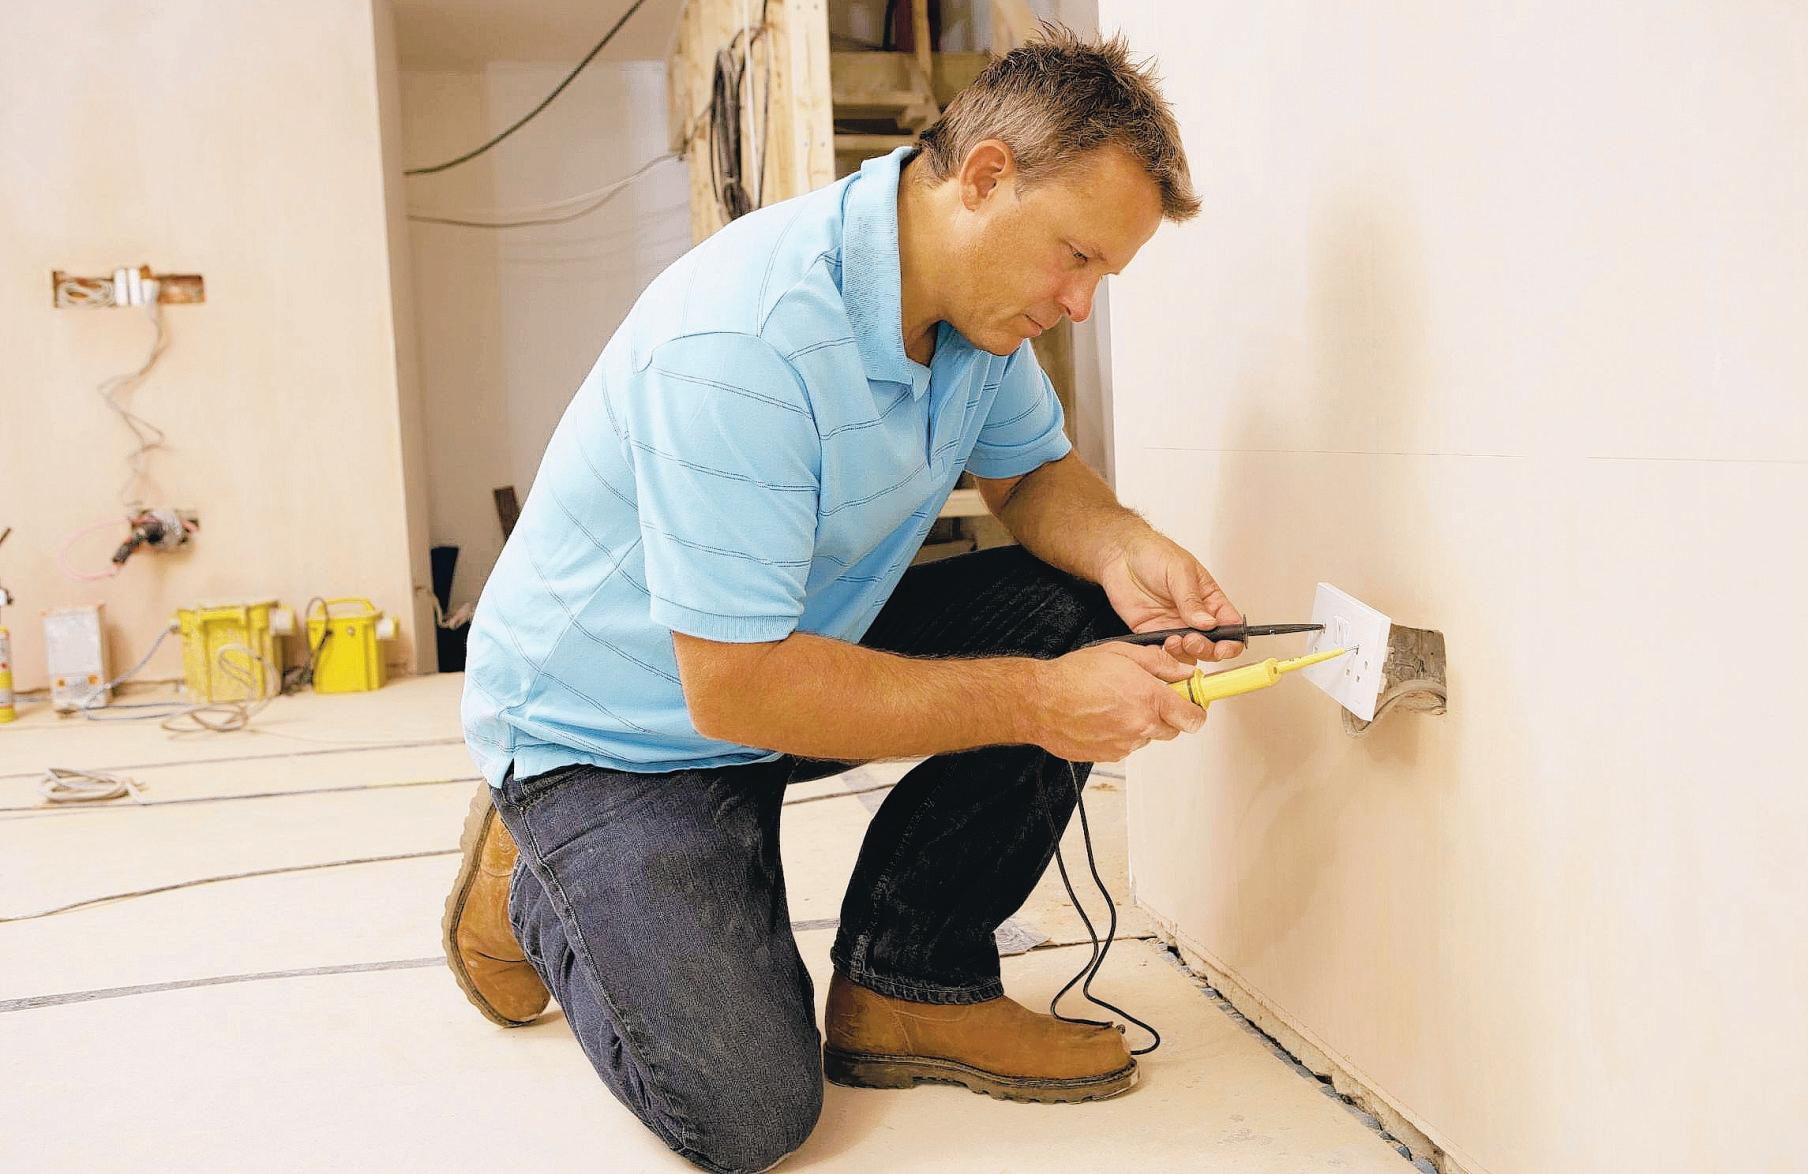 Как правильно сделать ремонт в своем доме - советы